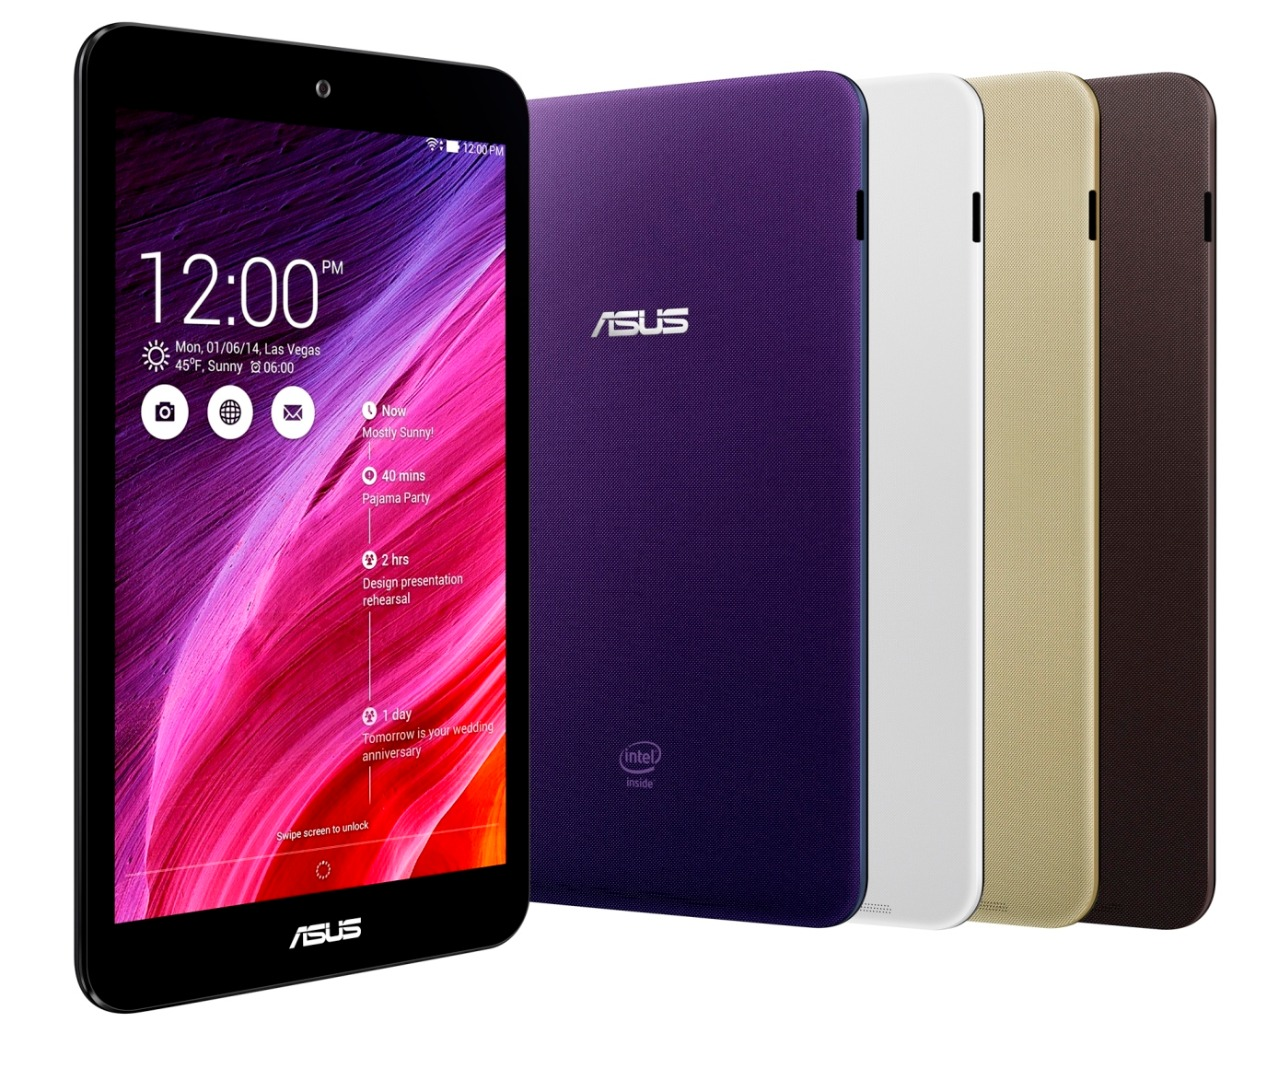 Computex 2014: ASUS lansează noile tablete MeMo Pad 7 și MeMo Pad 8 cu procesoare Intel 64 bit